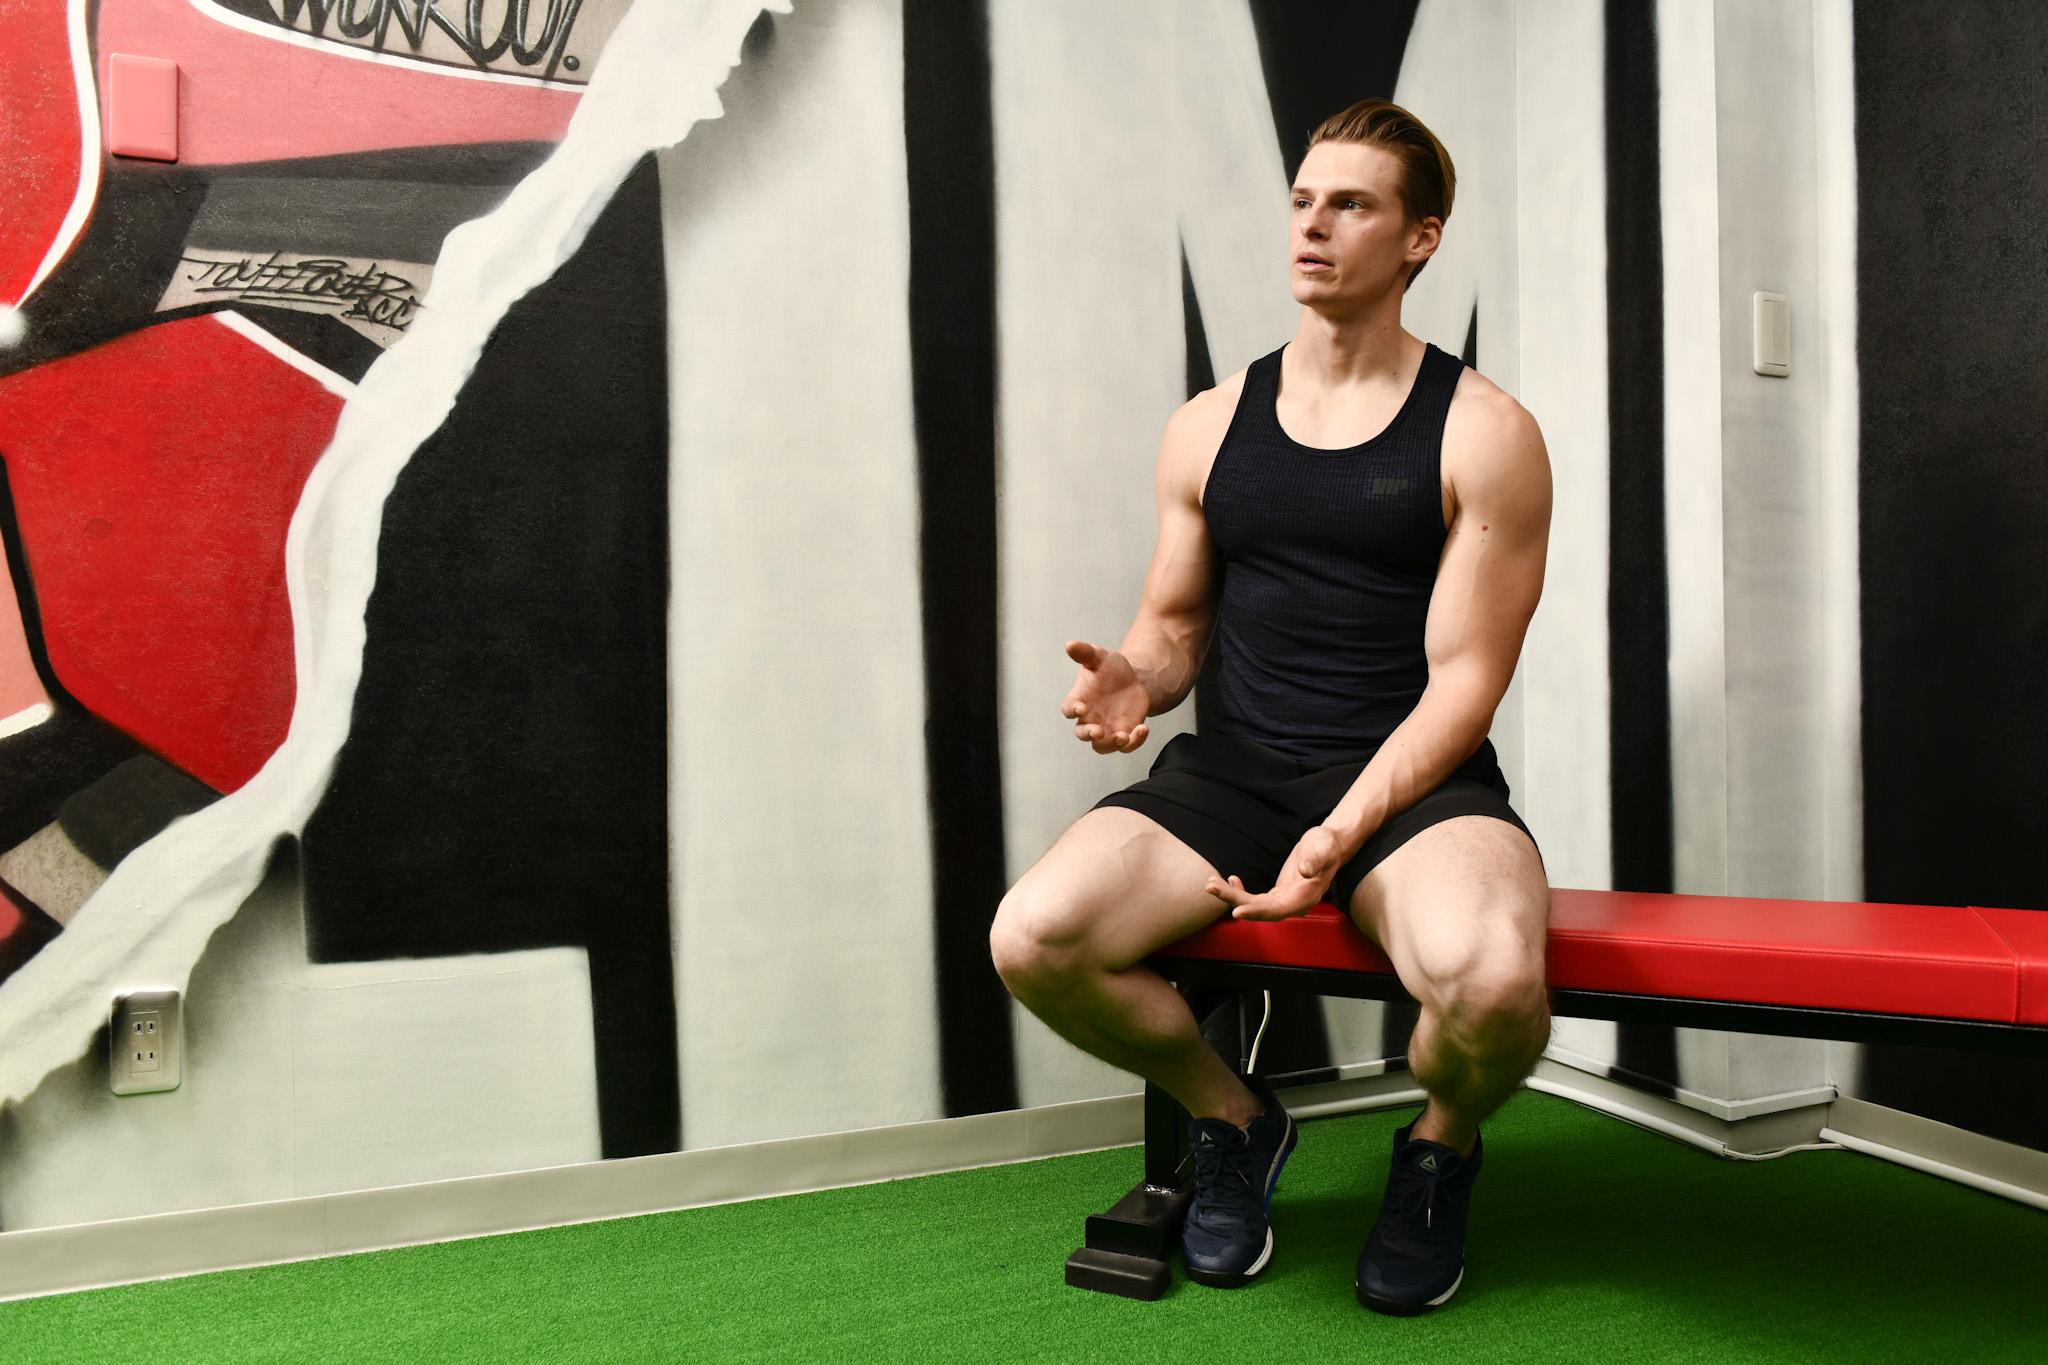 「筋肉は裏切らない」でおなじみのテレビ番組『みんなで筋肉体操』(NHK)への出演で注目を集める庭師・村雨辰剛(むらさめ・たつまさ)さん。普段のトレーニング姿でお話を伺った。